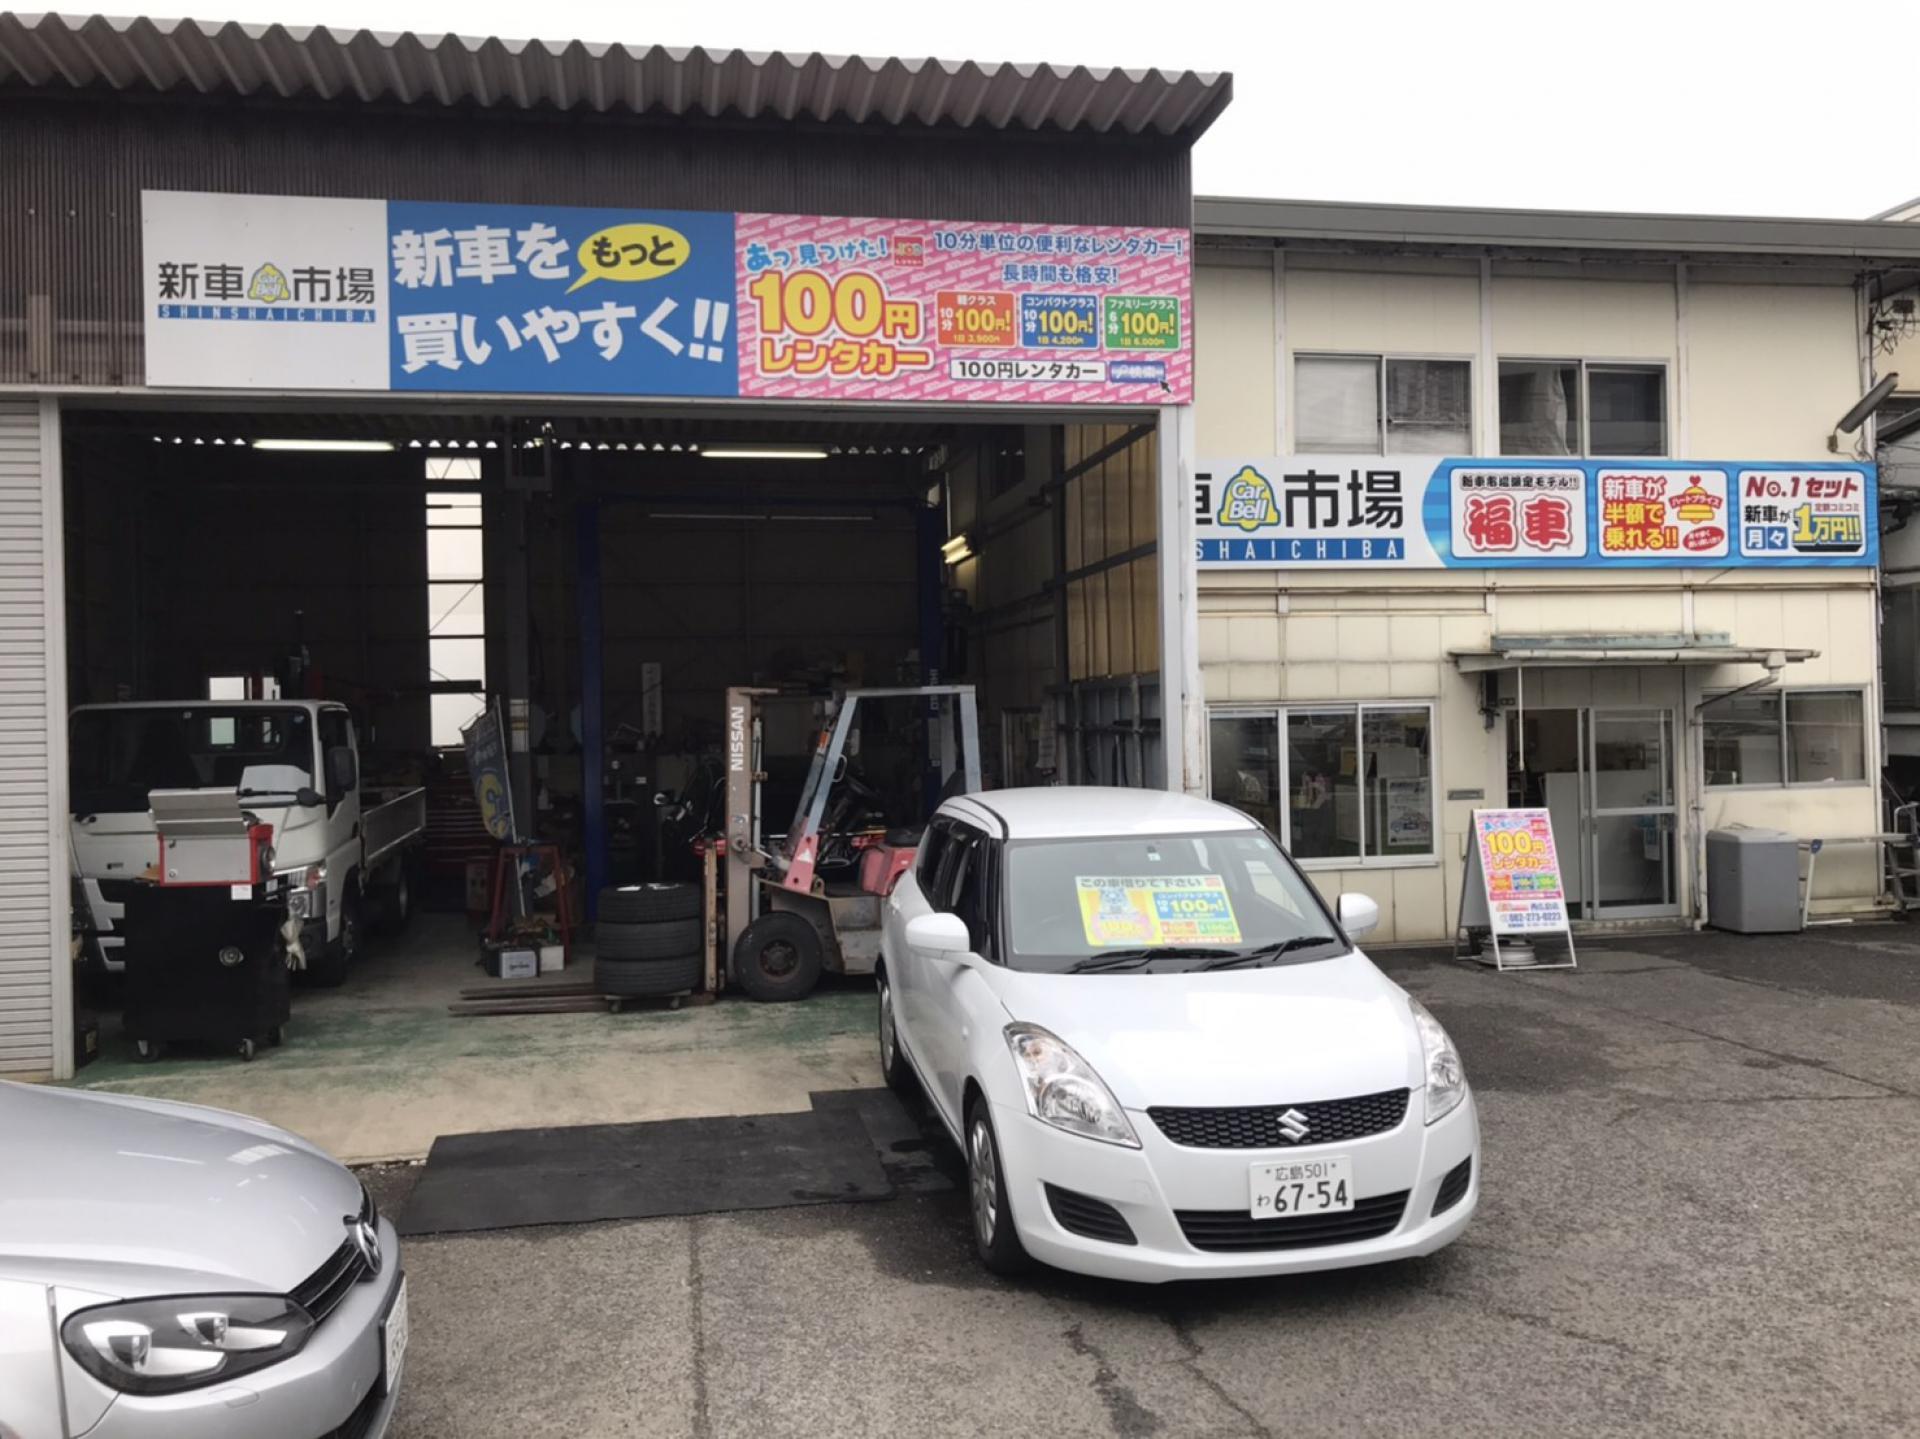 中国自動車販売 株式会社 新車市場 西広島店